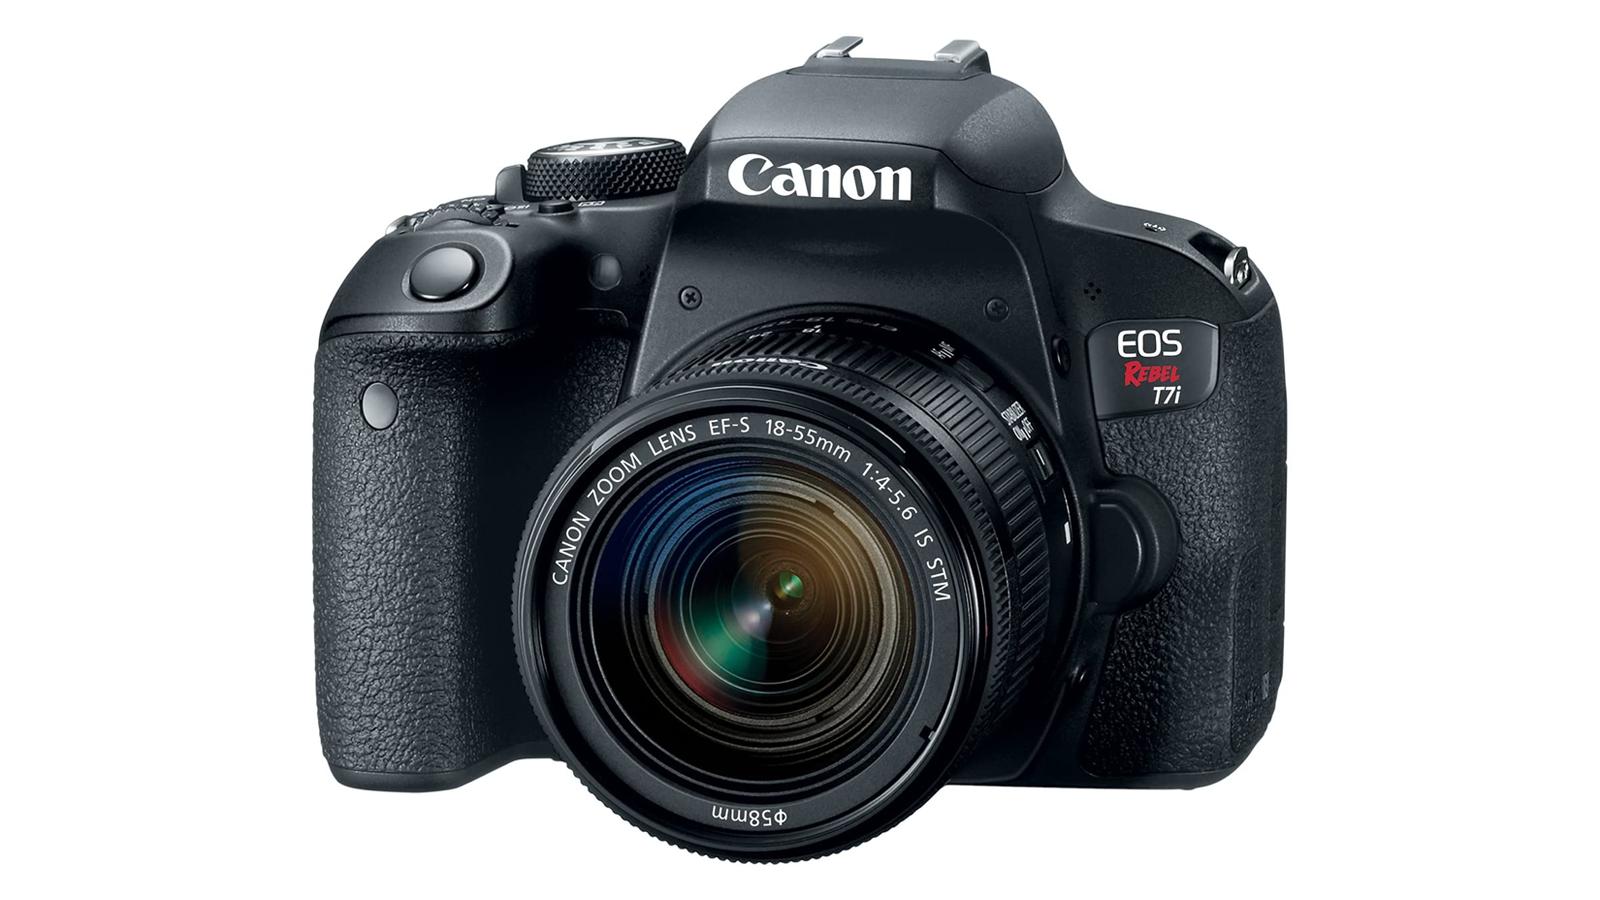 The Canon EOS Rebel T7i.